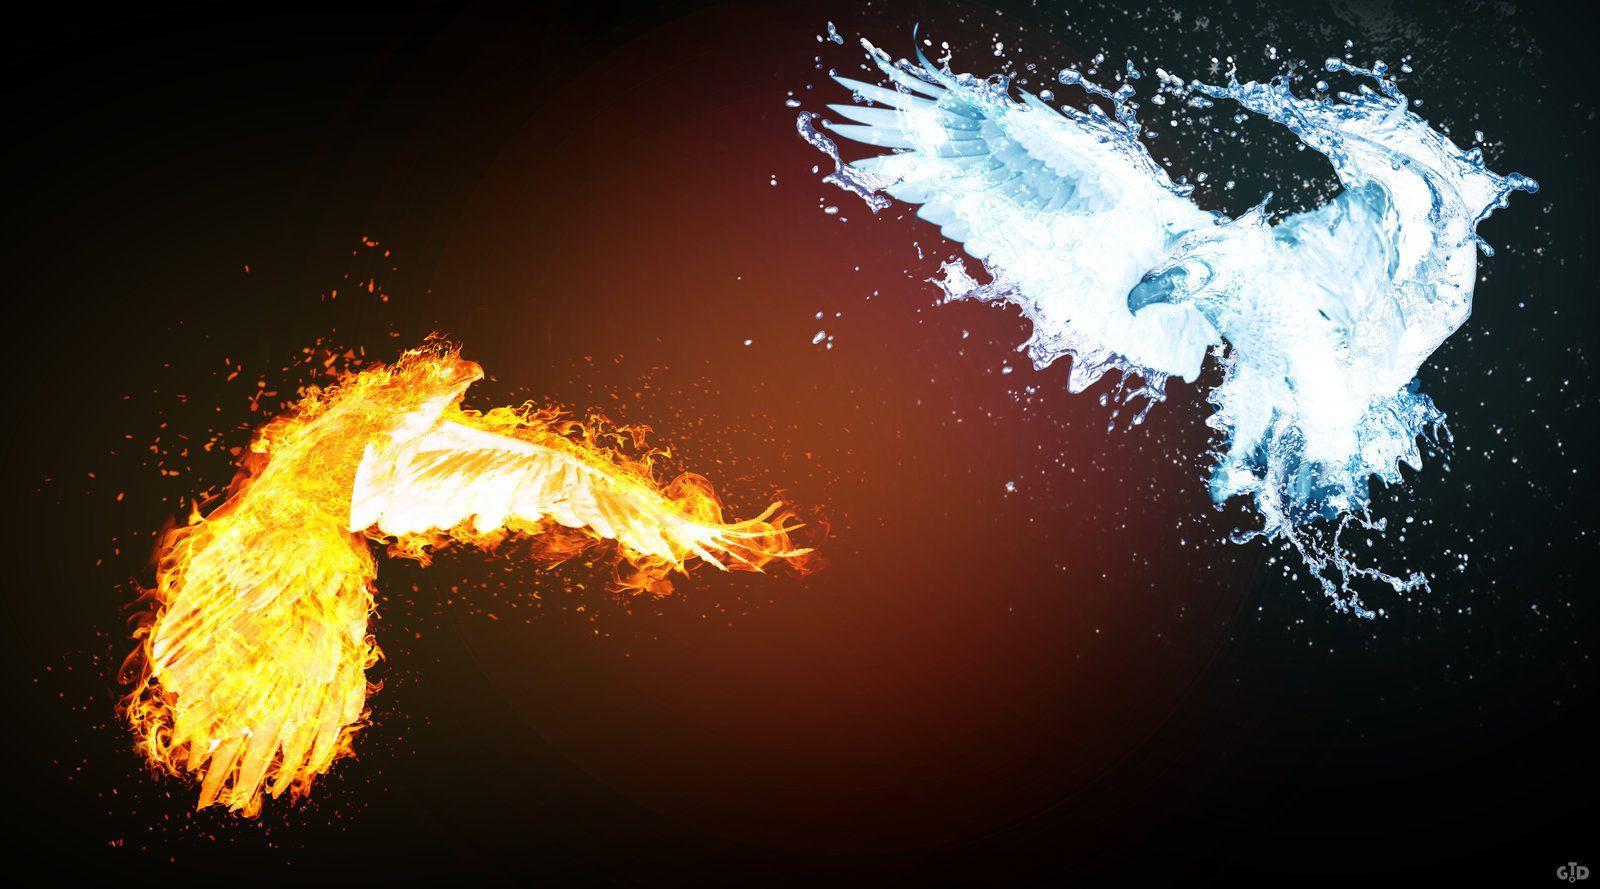 Fire Vs Water Wallpaper | Free Wallpaper